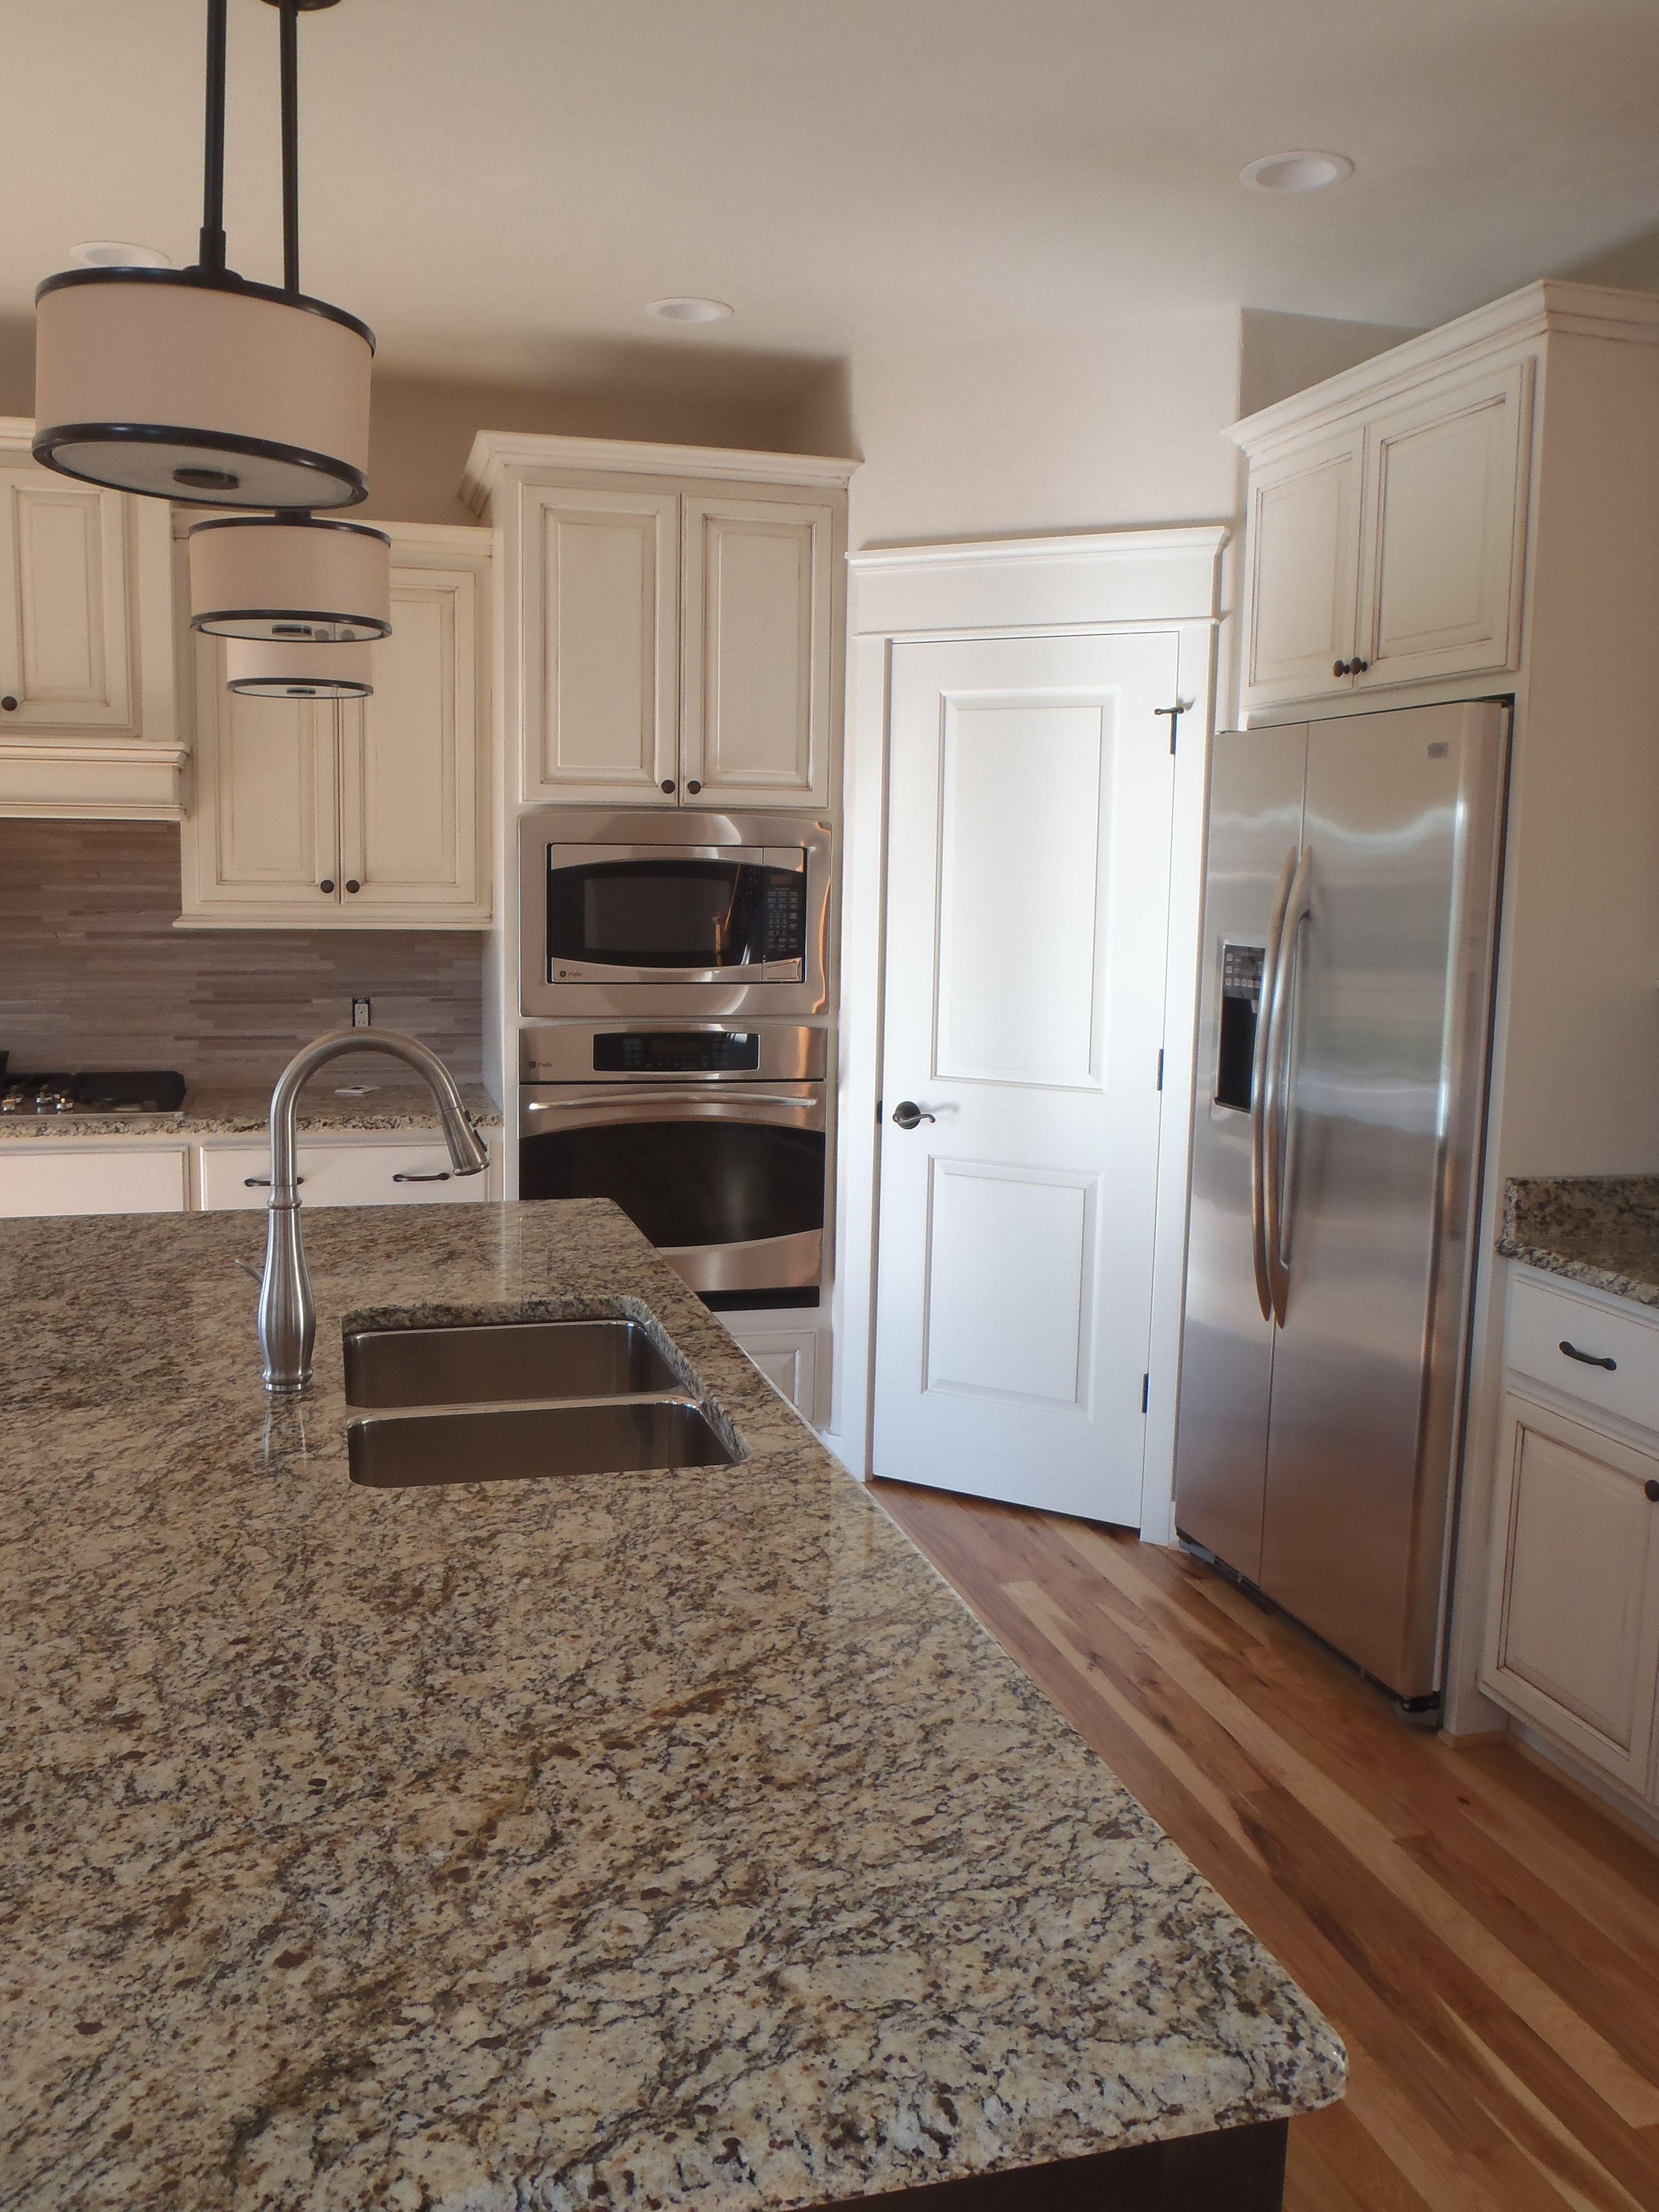 Carstensen Homes Antique White Kitchen Cabinets Antique White Cabinets Antique White Kitchen